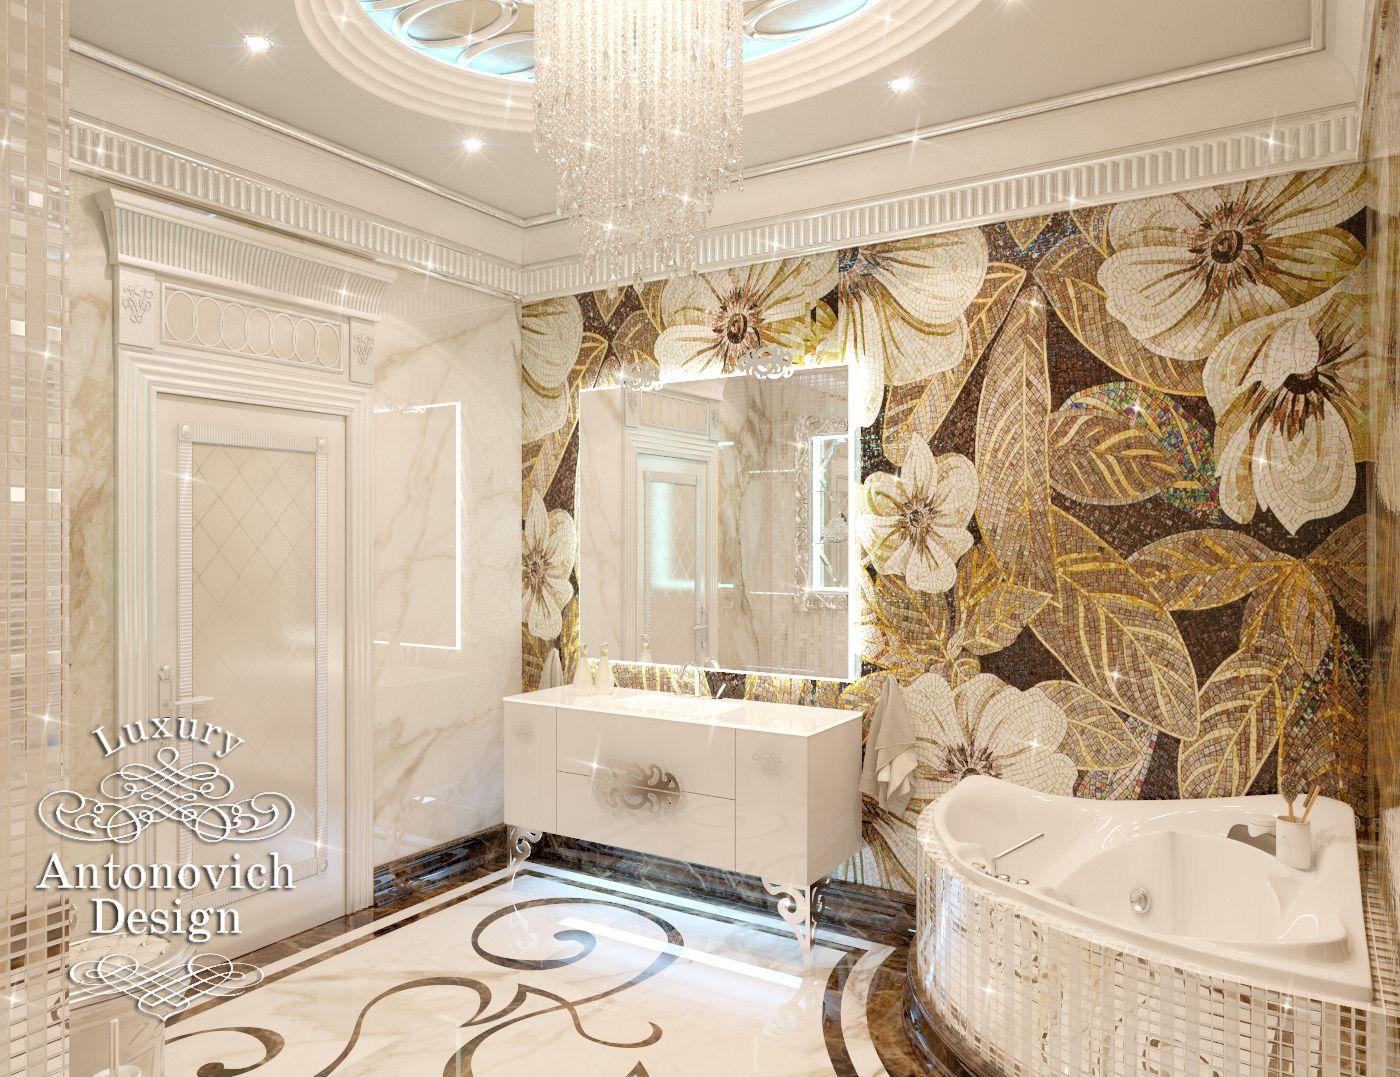 элитный дизайн ванной комнаты фото